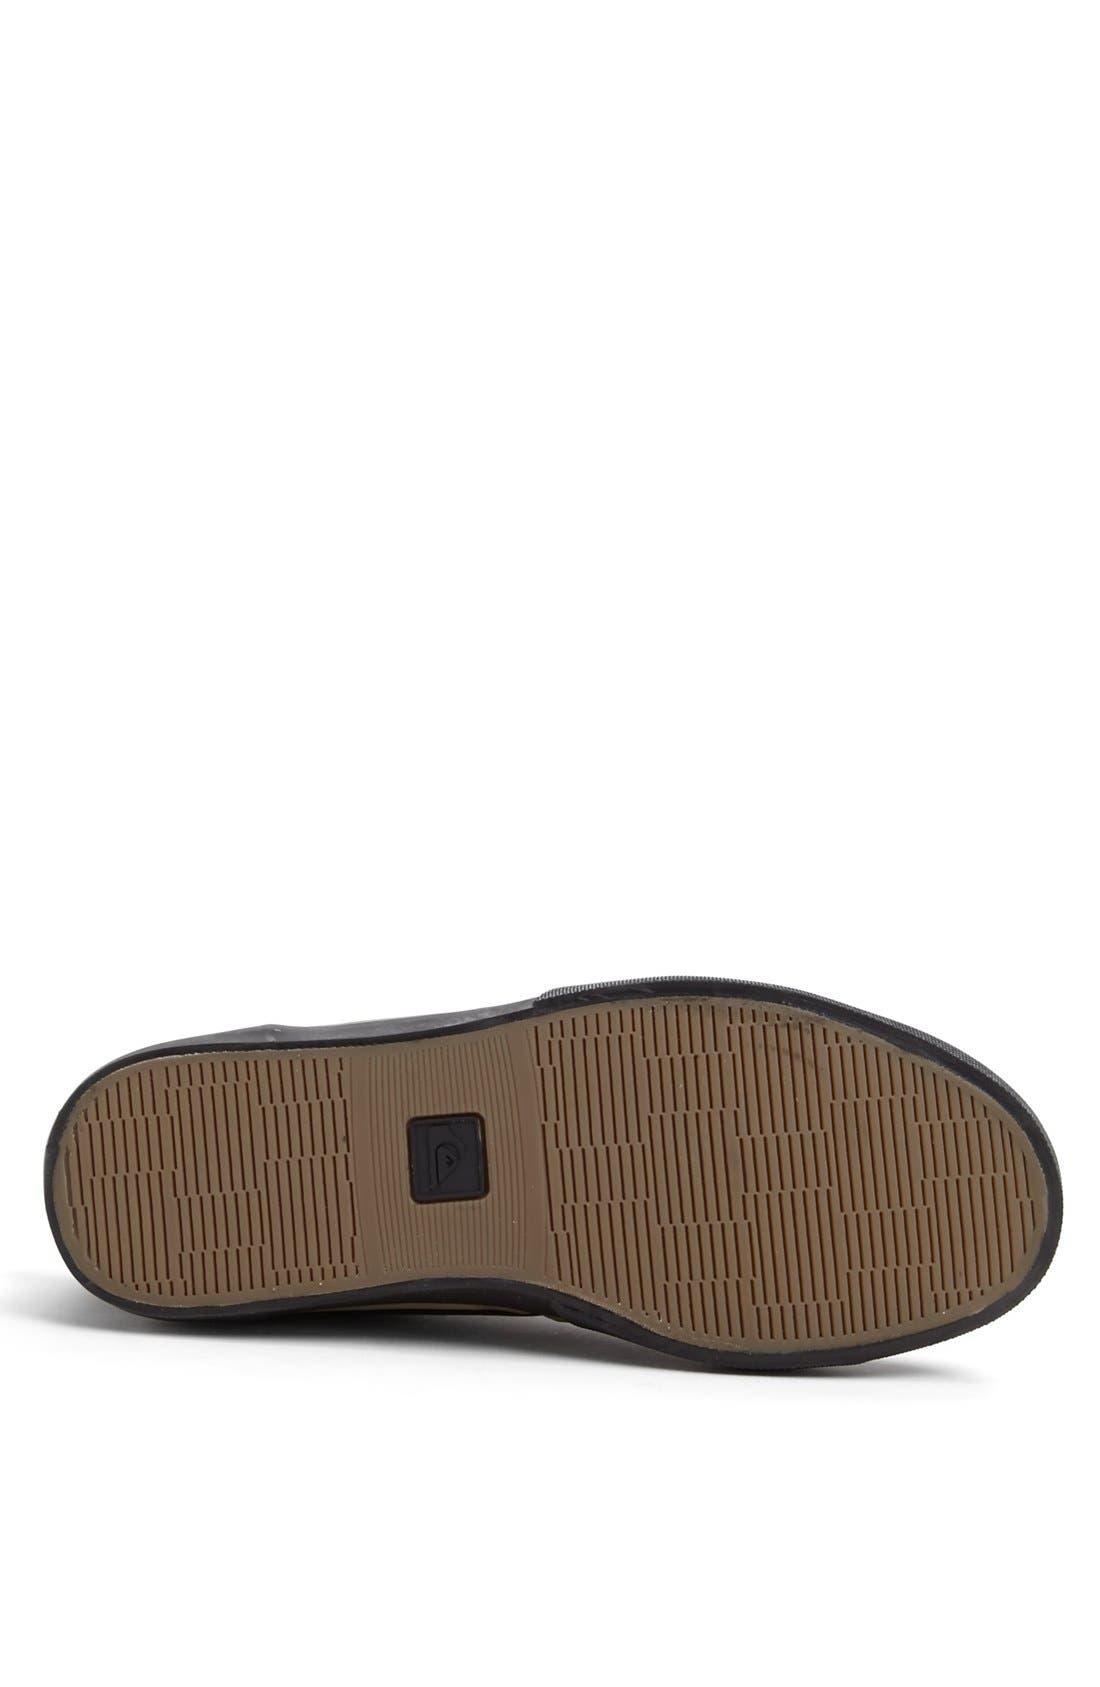 Alternate Image 4  - Quiksilver 'RF1 Low Premium' Sneaker (Men)